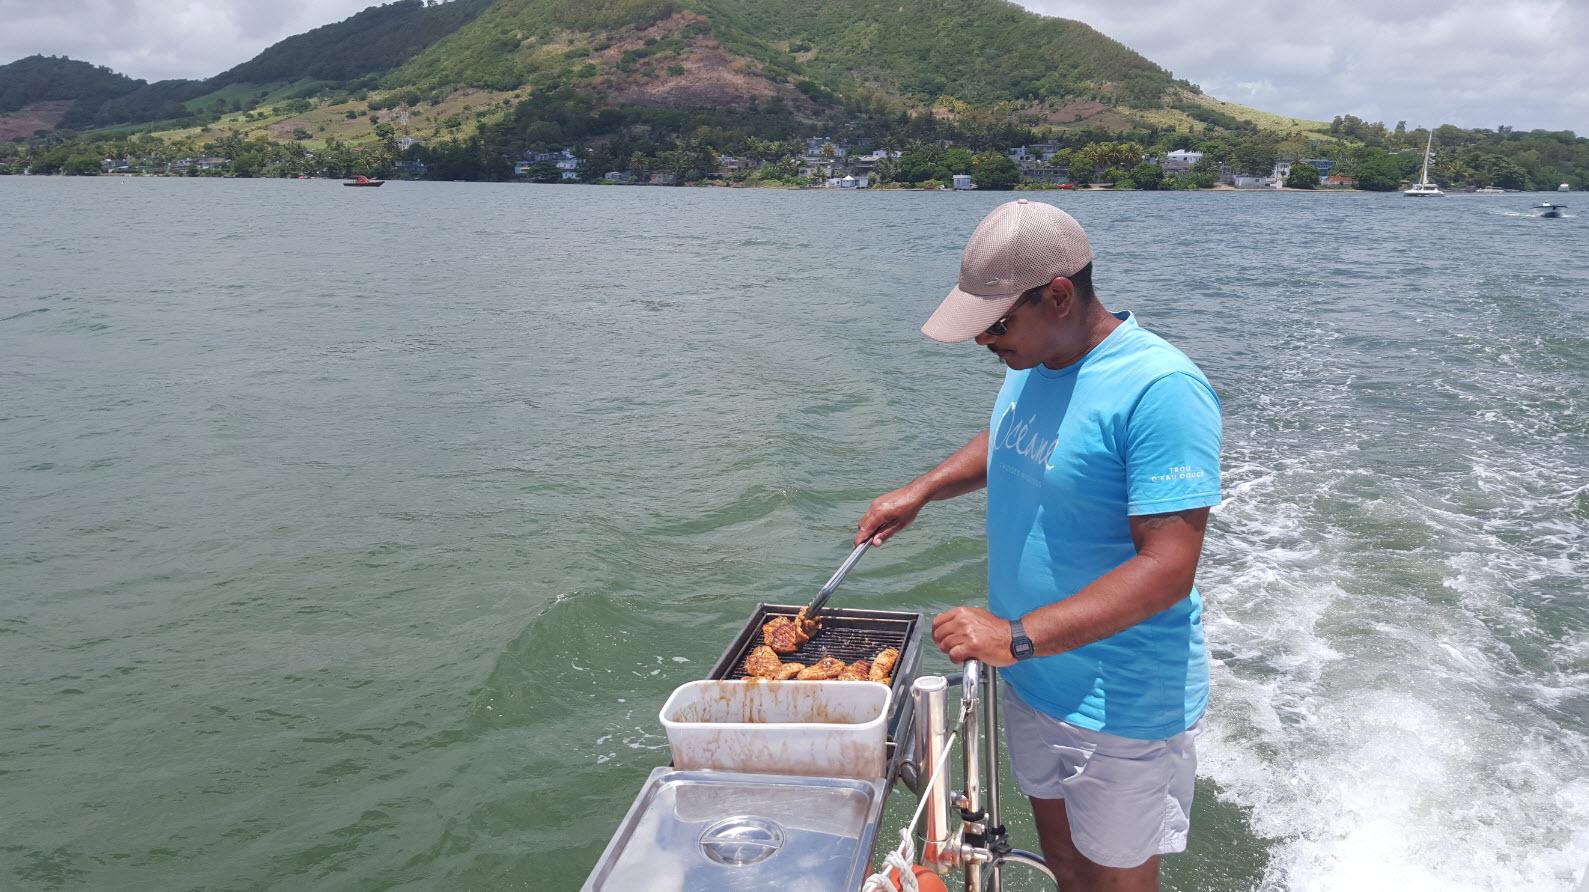 Preparation du barbecue sur le bateau